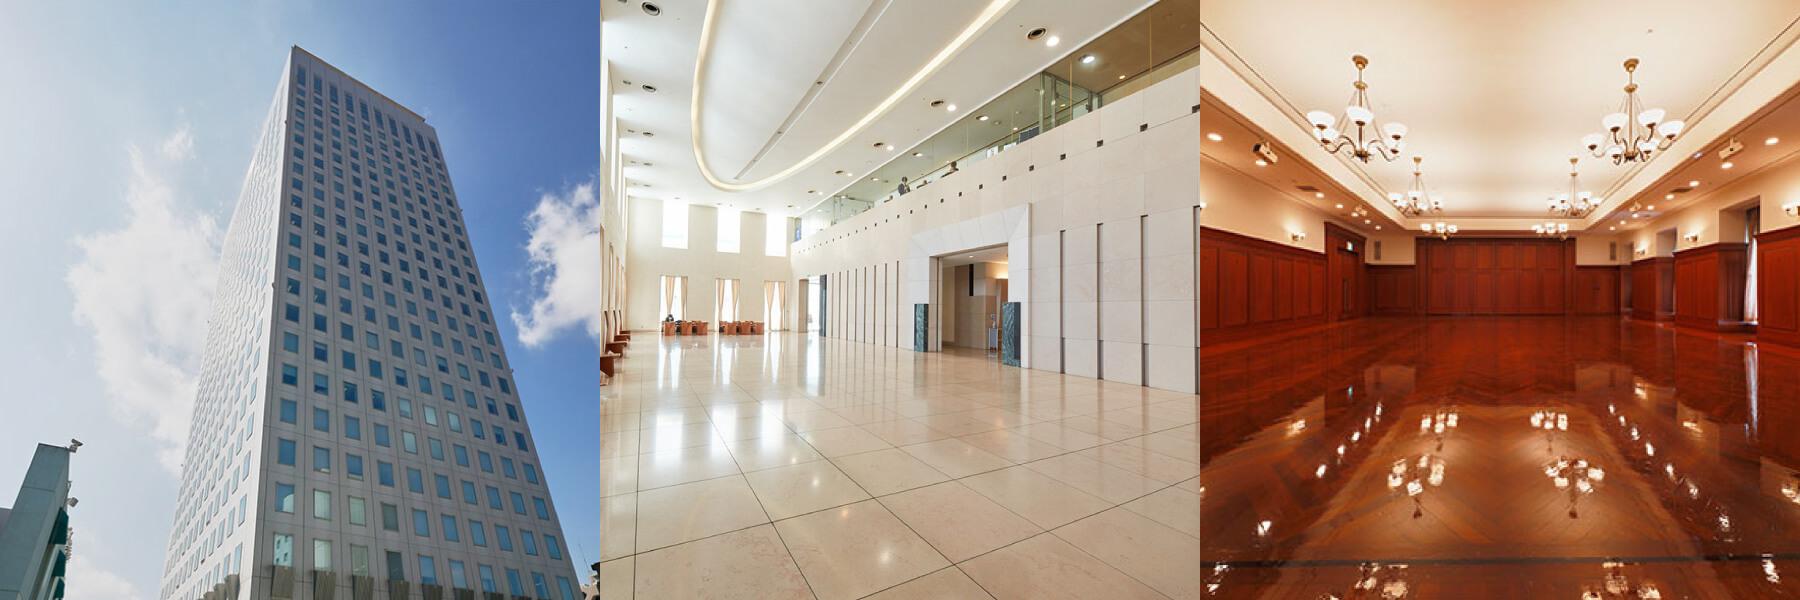 施設【公式】レンブラントホテル海老名(旧オークラフロンティアホテル海老名)